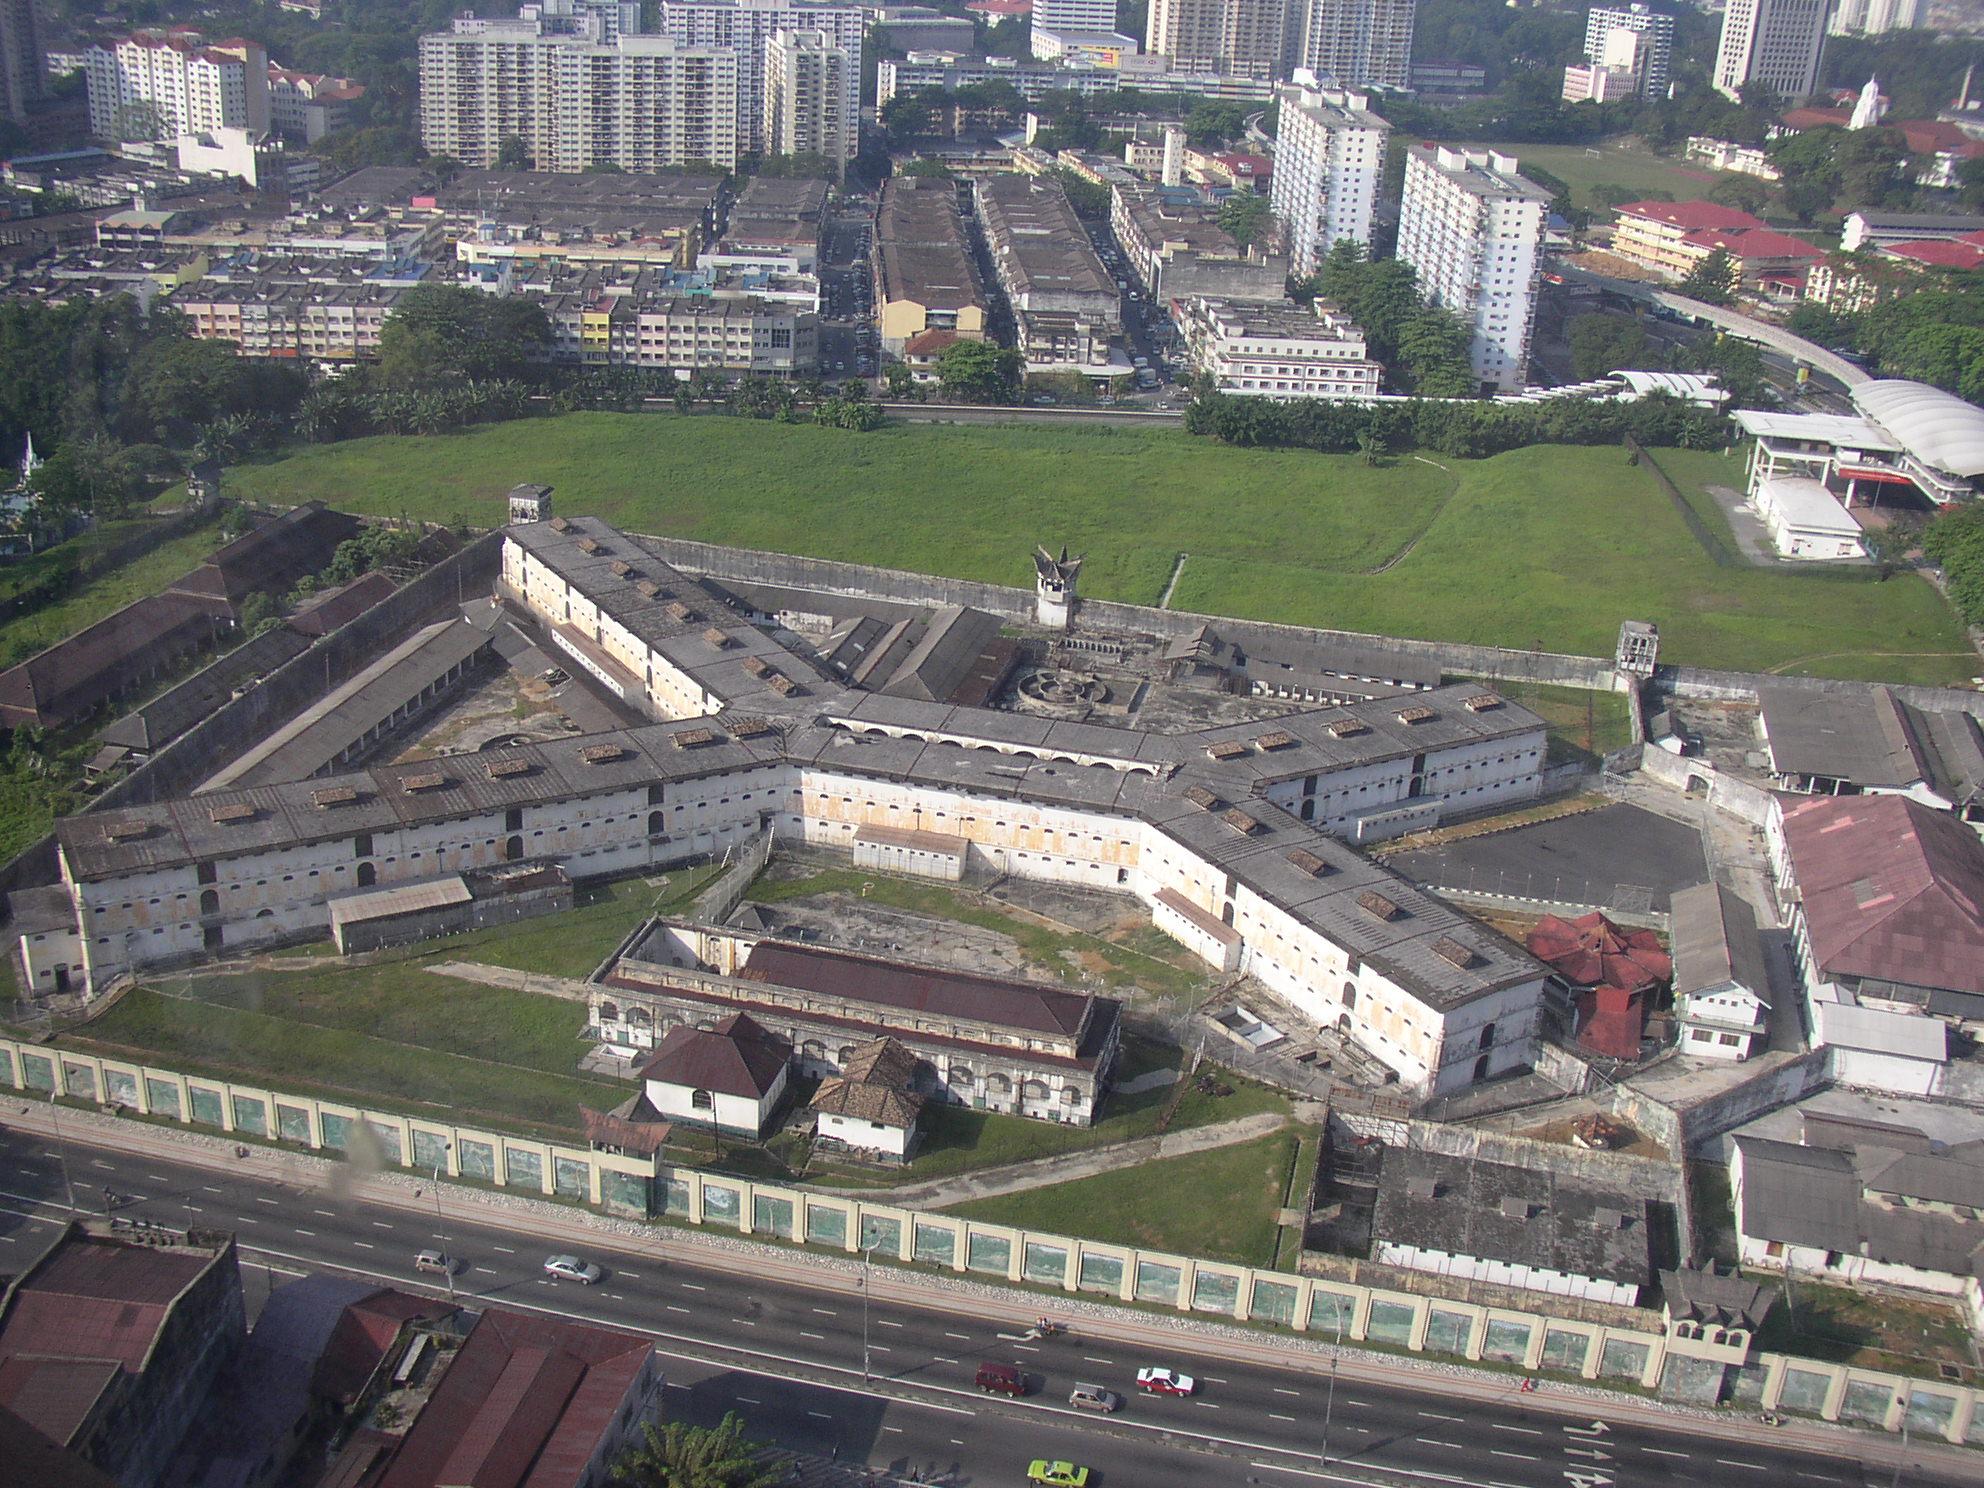 The Penitentiary Escape Room